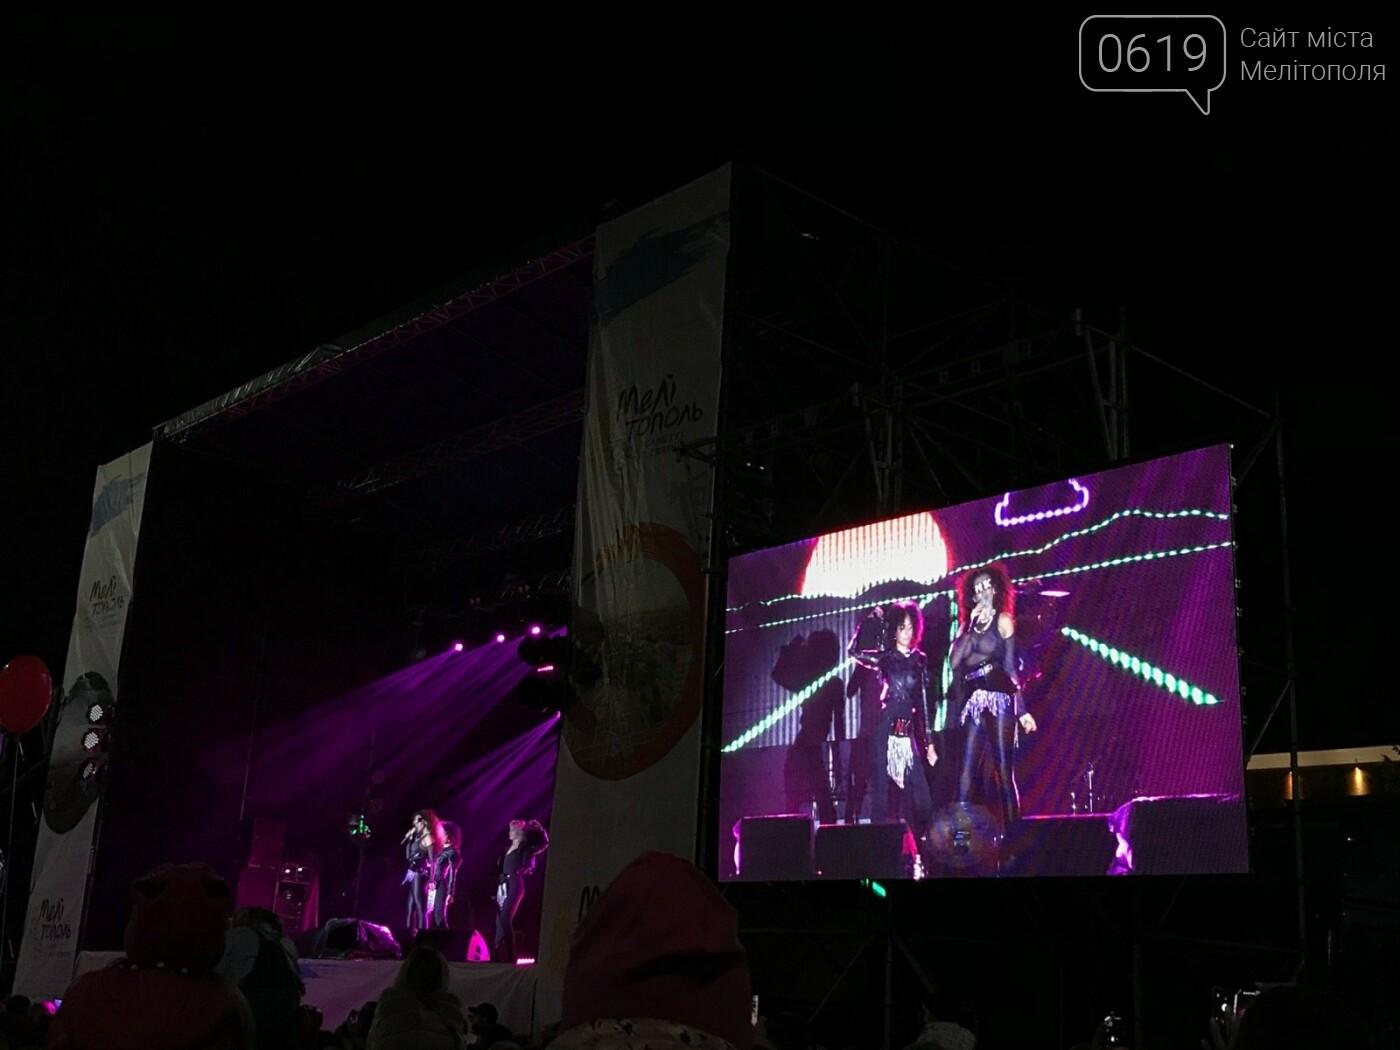 В Мелитополе празднование Дня города завершилось ярким концертом и фейерверком , фото-4